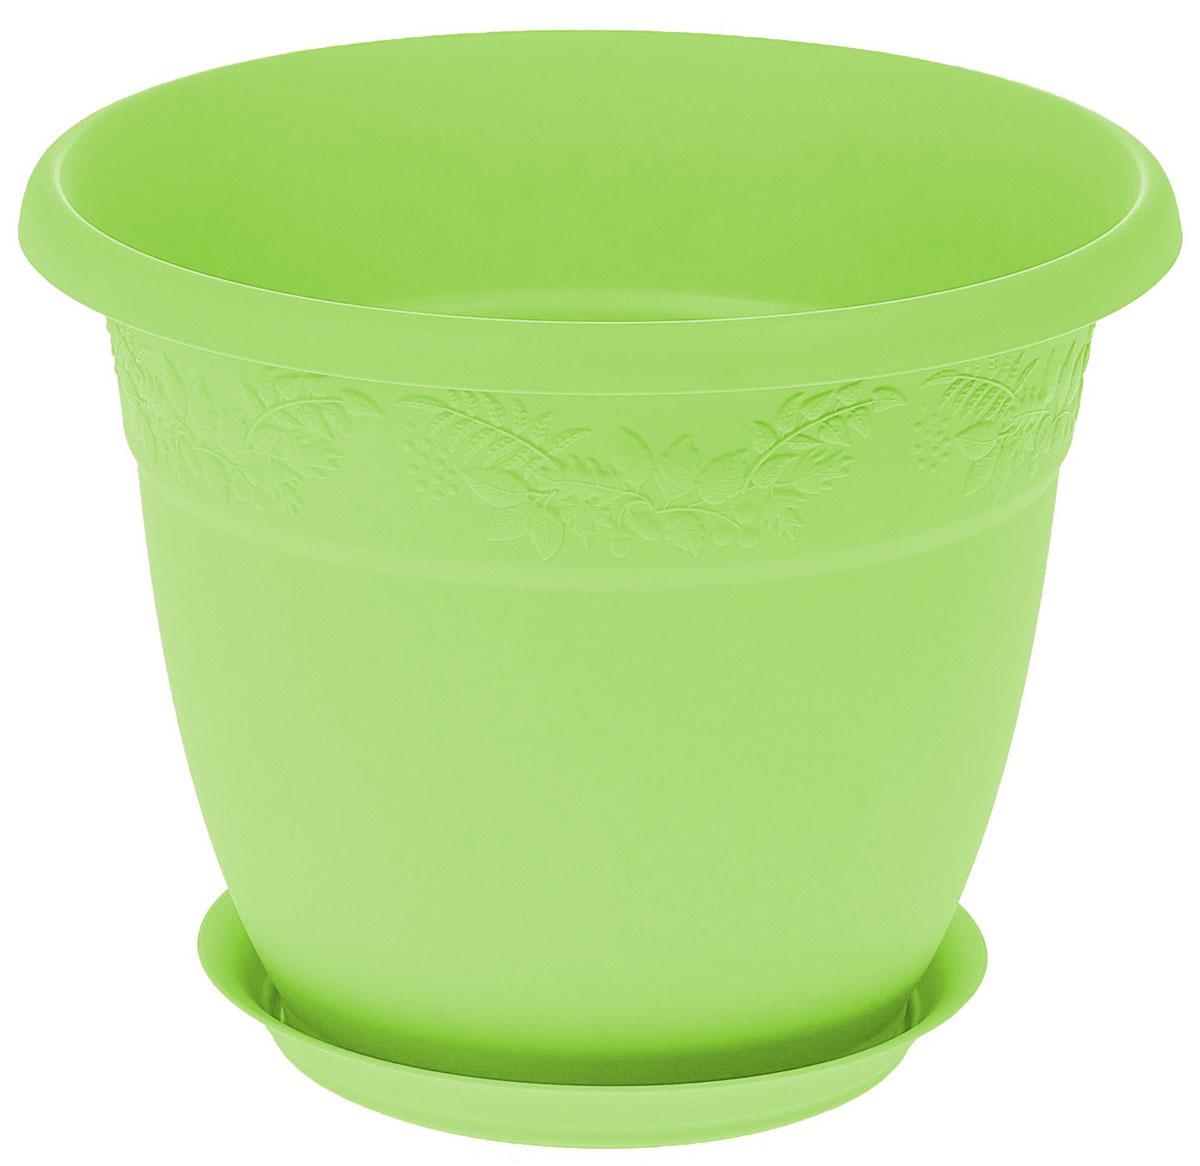 Кашпо Idea Рябина, с поддоном, цвет: мята, 3,6 л кашпо idea рябина с поддоном цвет терракотовый 2 3 л